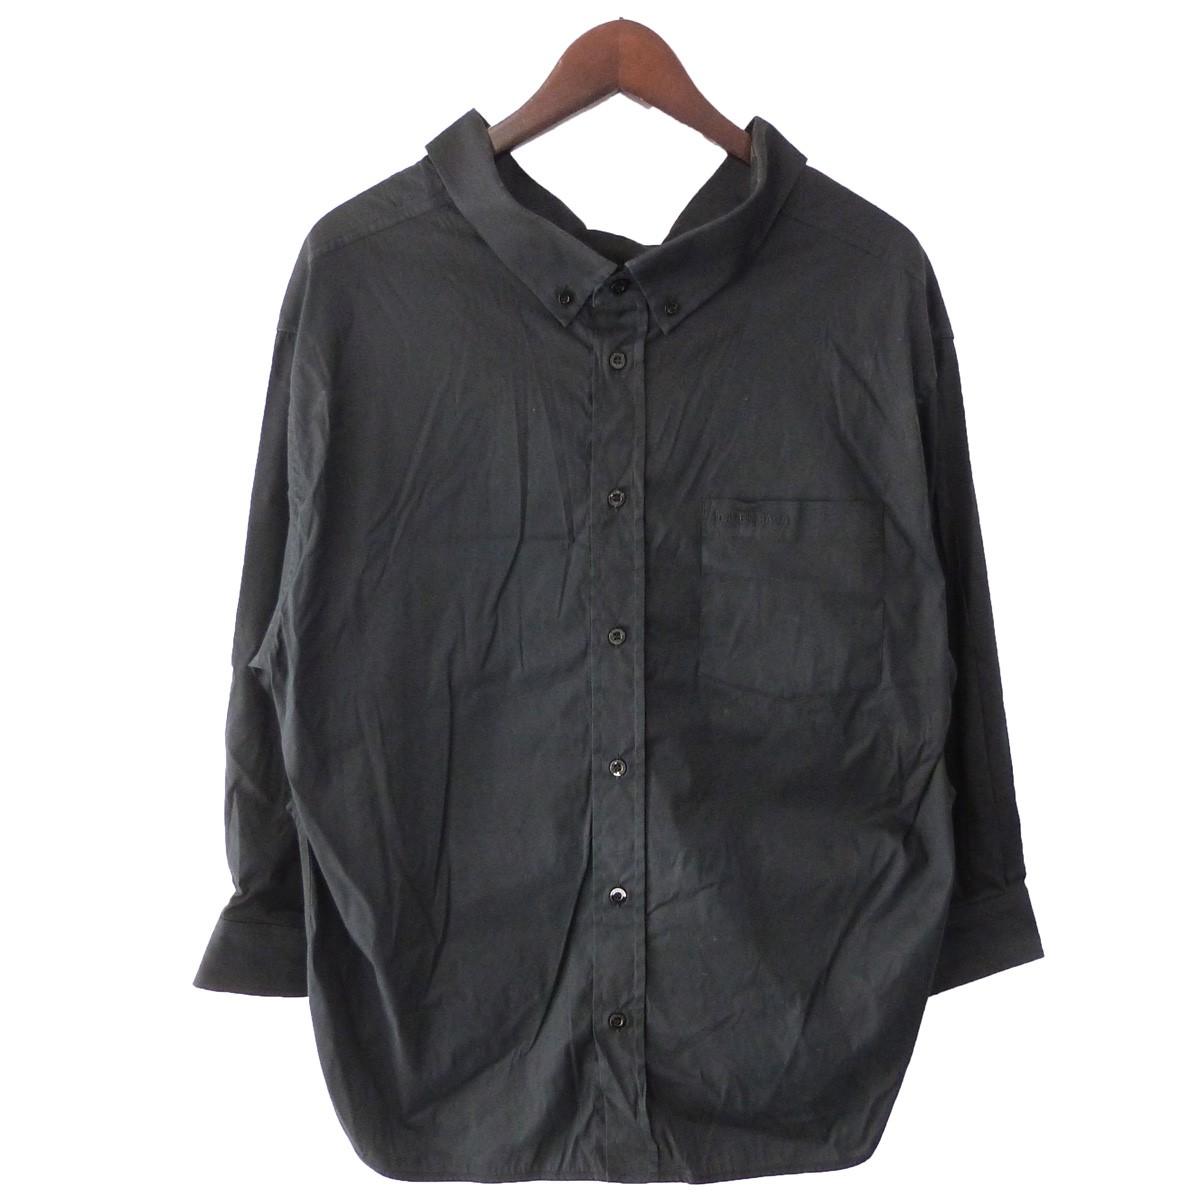 【中古】BALENCIAGA 18SS スウィングカラーシャツ ブラック サイズ:34 【120420】(バレンシアガ)